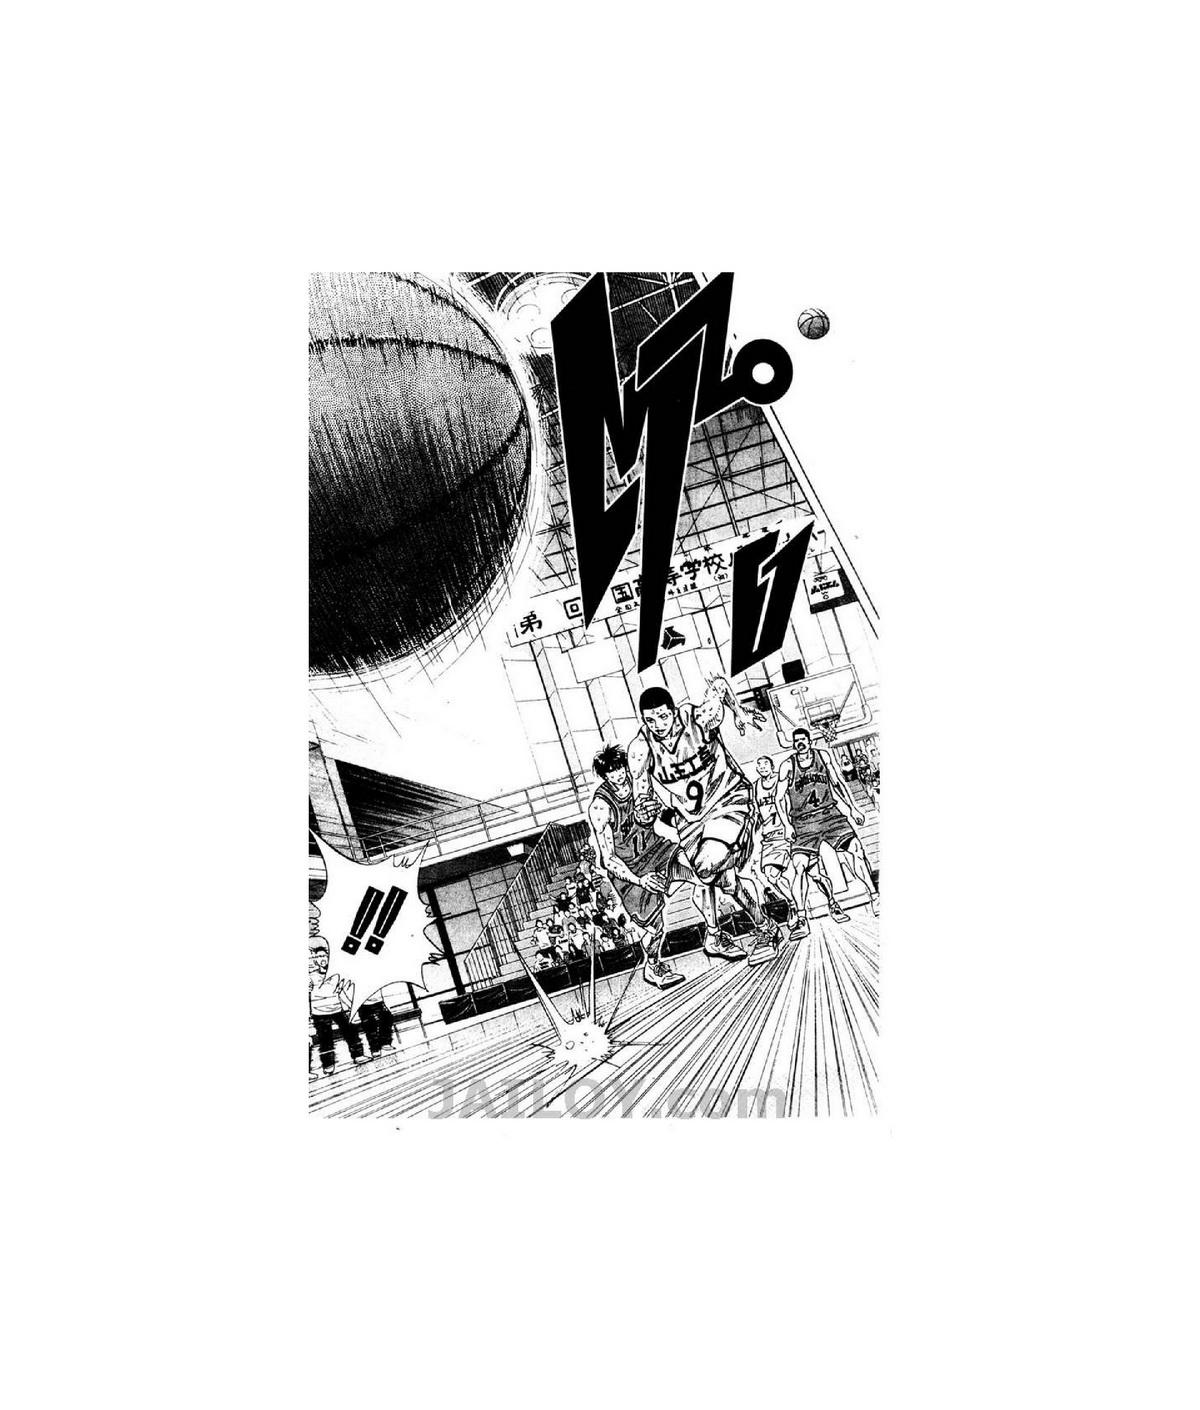 Slamdunk สแลมดังก์ เล่มที่ 29 TH แปลไทย อ่านการ์ตูนออนไลน์